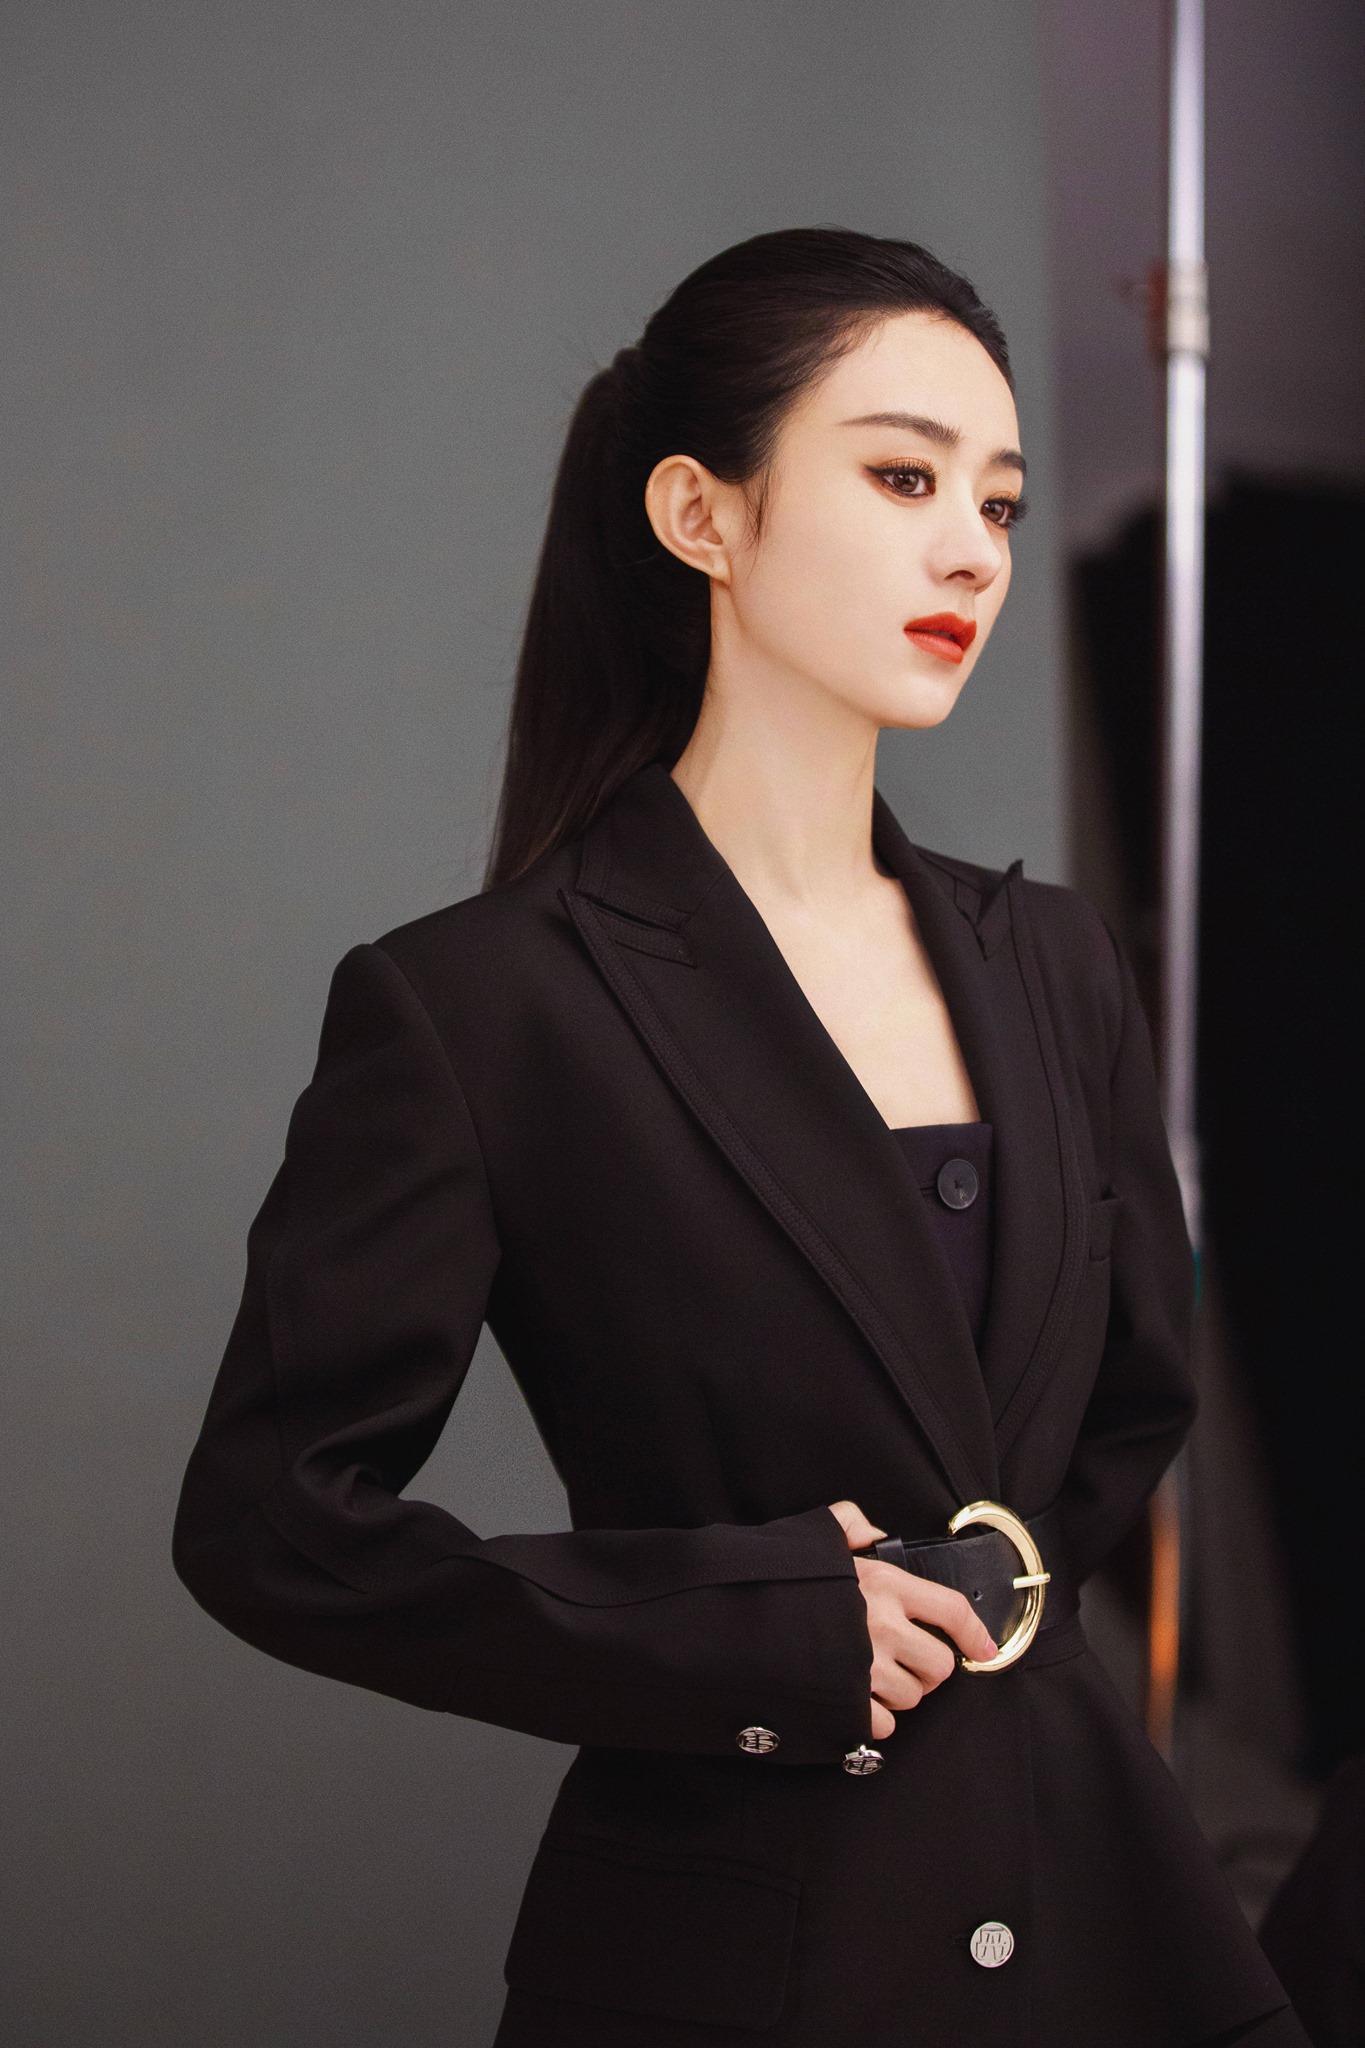 Ảnh hậu trường chụp Triệu Lệ Dĩnh khi quay video quảng bá cho Nars.